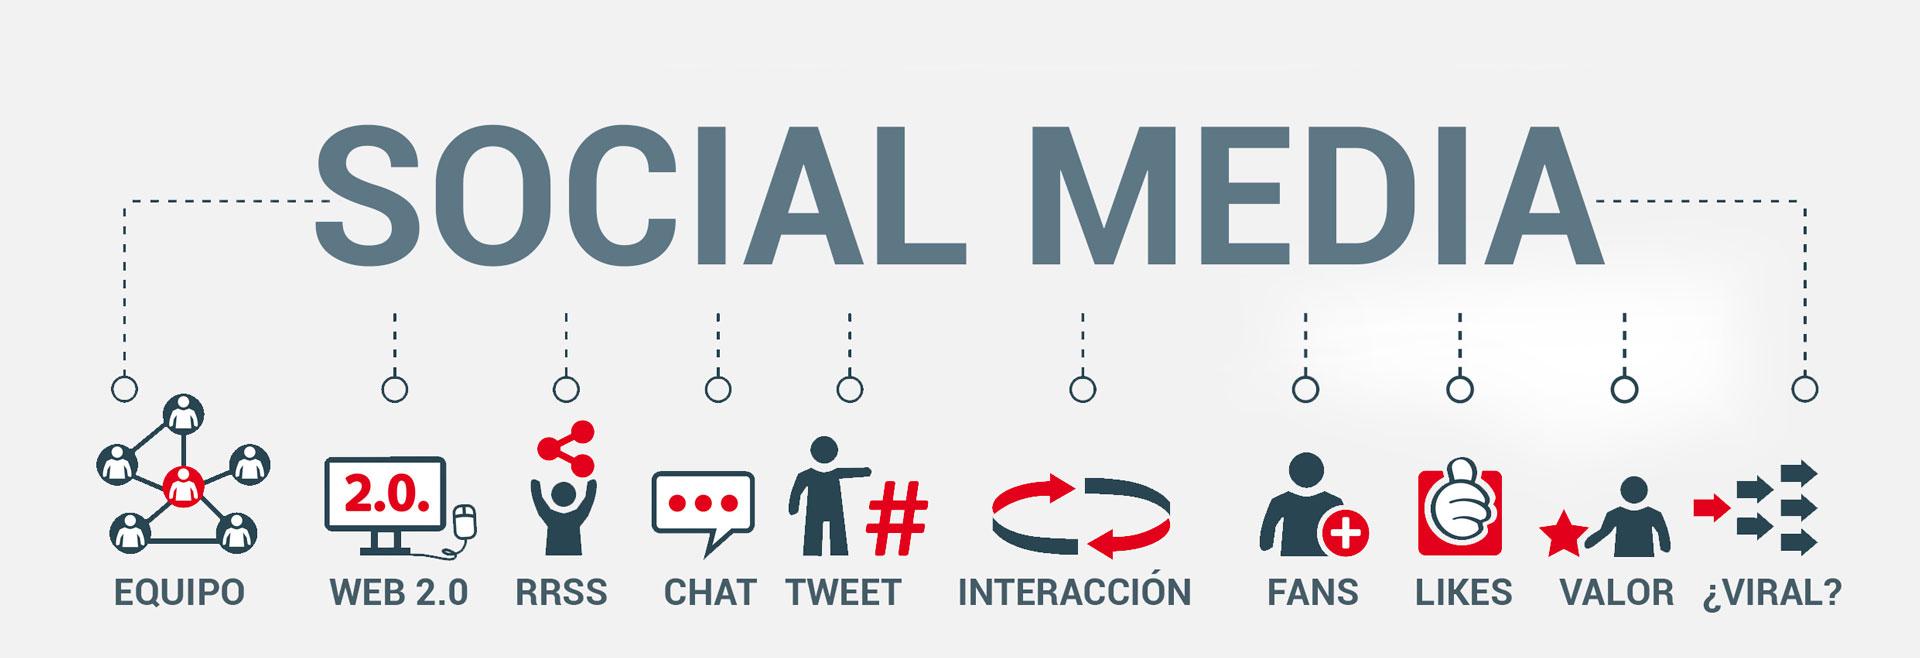 social-media-pagina